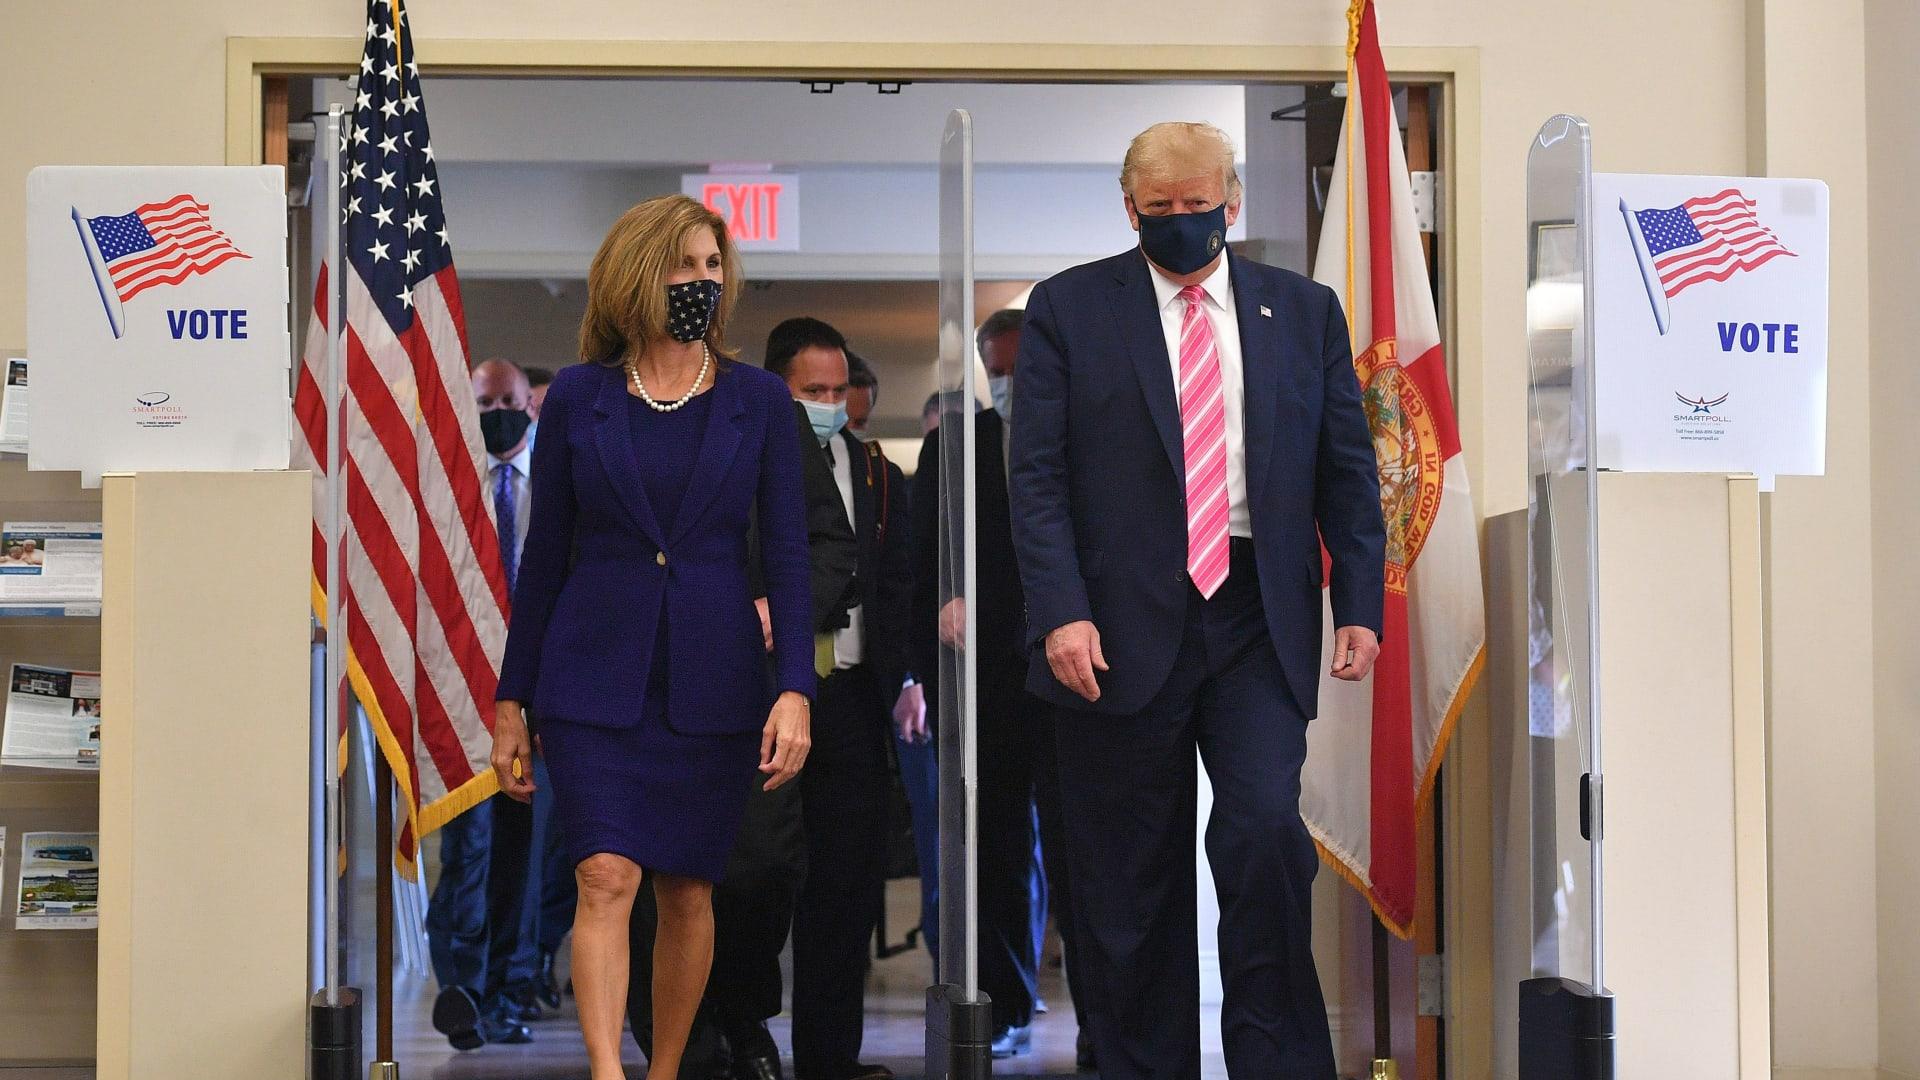 """""""صوت لرجل اسمه ترامب"""".. الرئيس الأمريكي يدلي بصوته المبكر في انتخابات الرئاسة"""